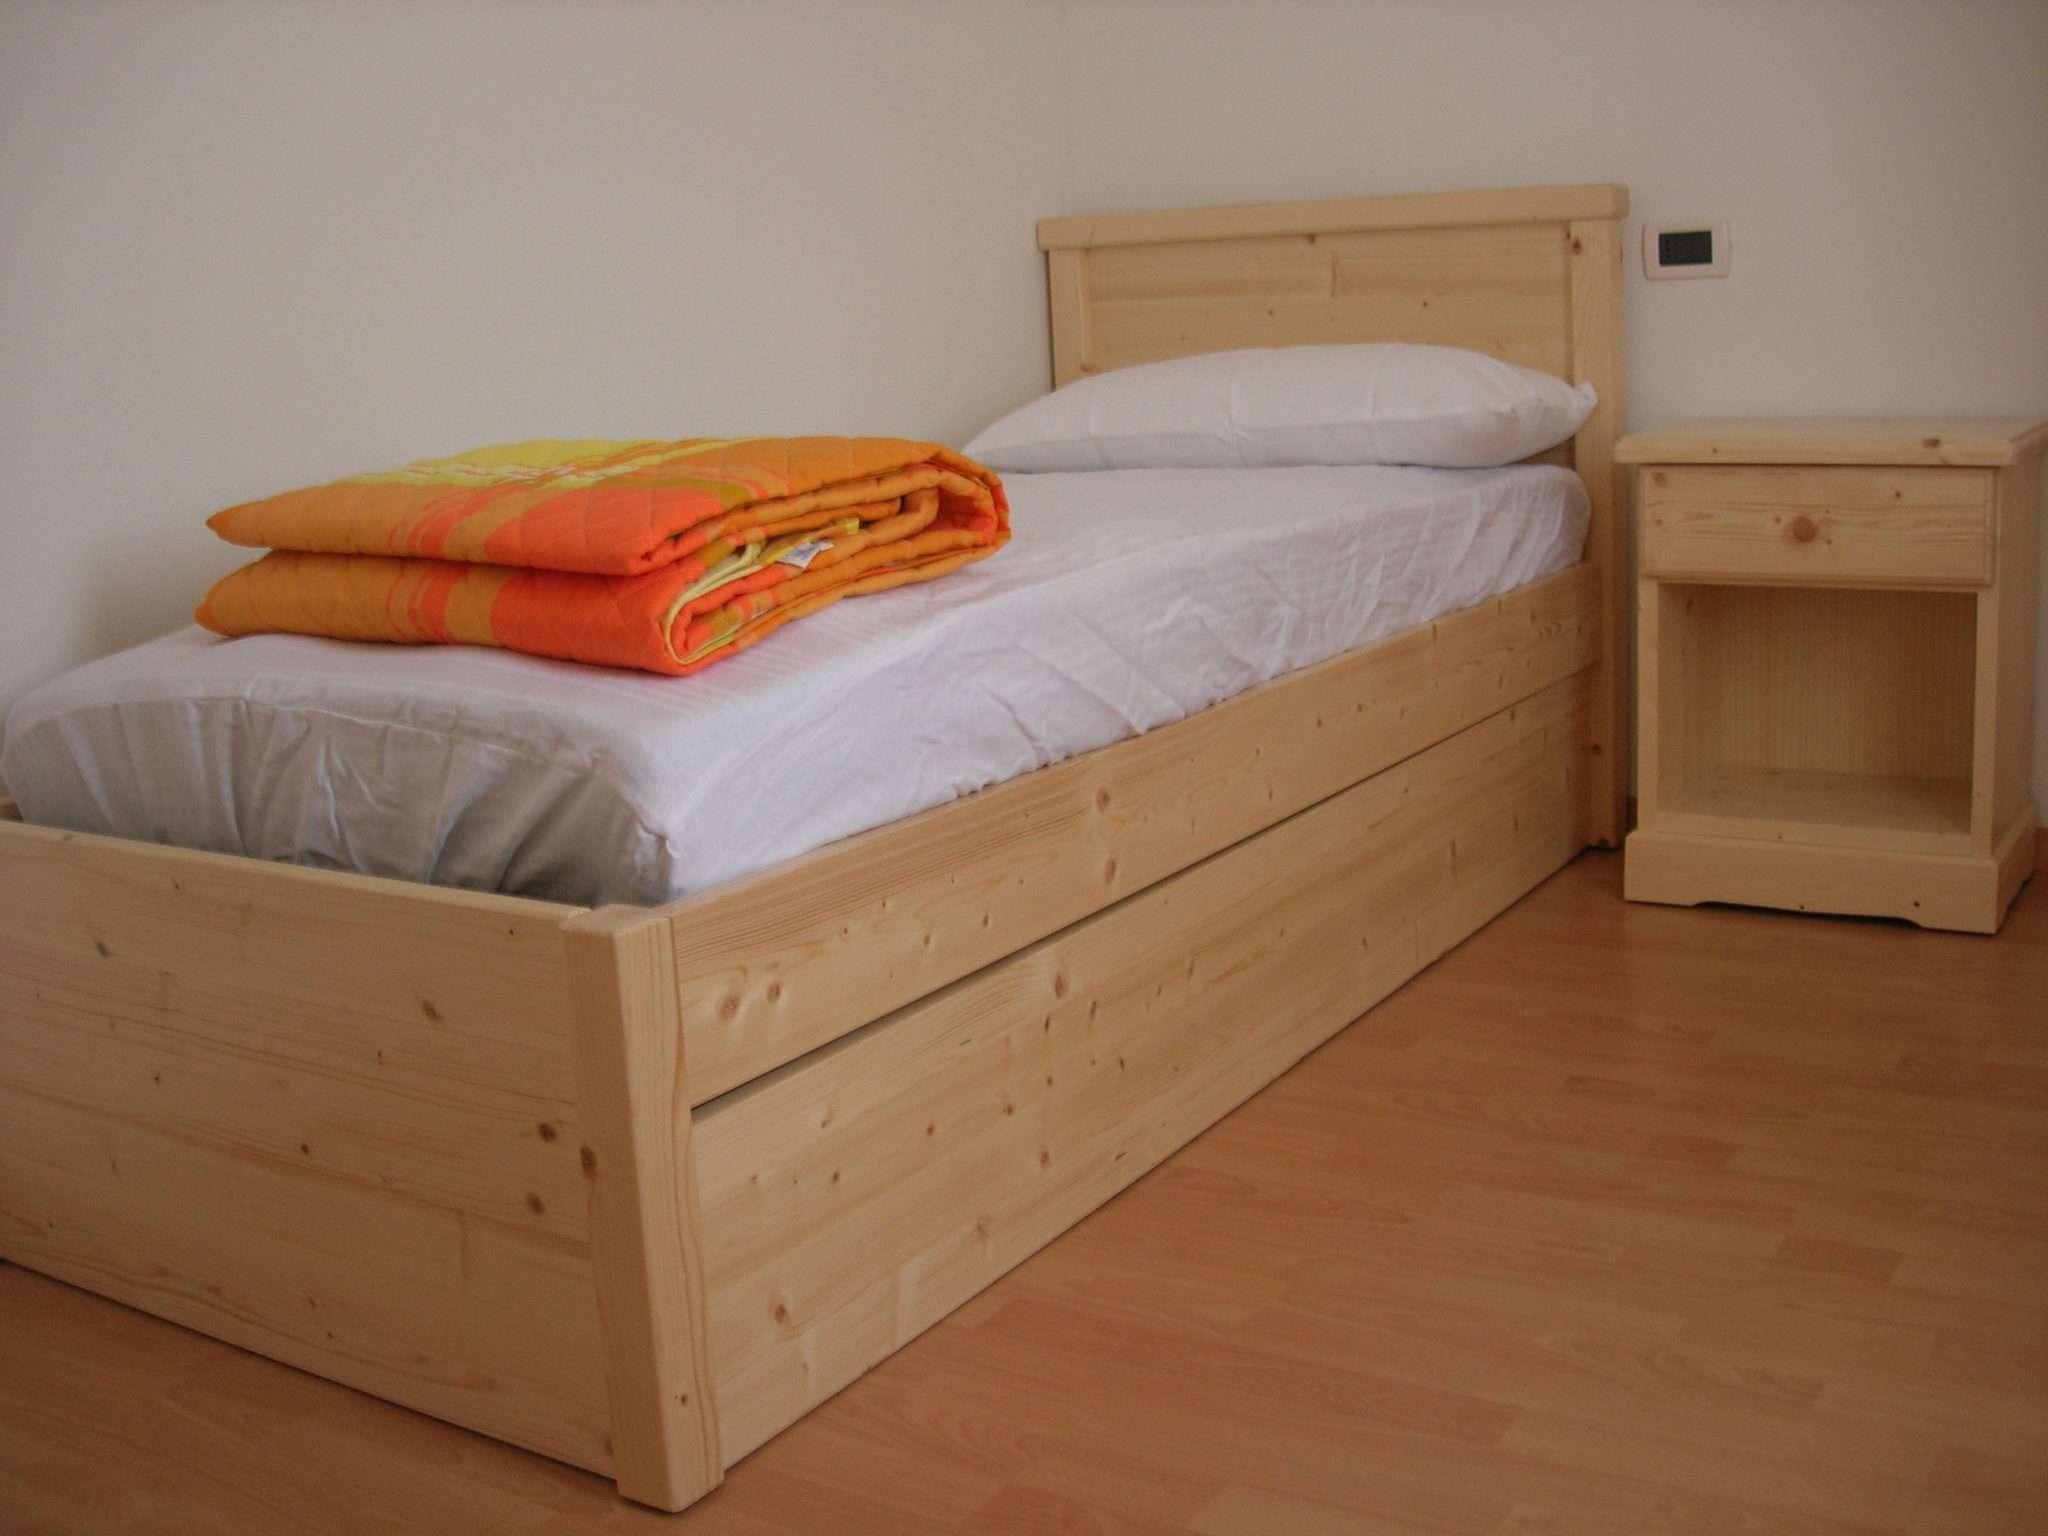 Camere da letto in legno case in legno e falegnameria in trentino - Camere da letto in legno ...